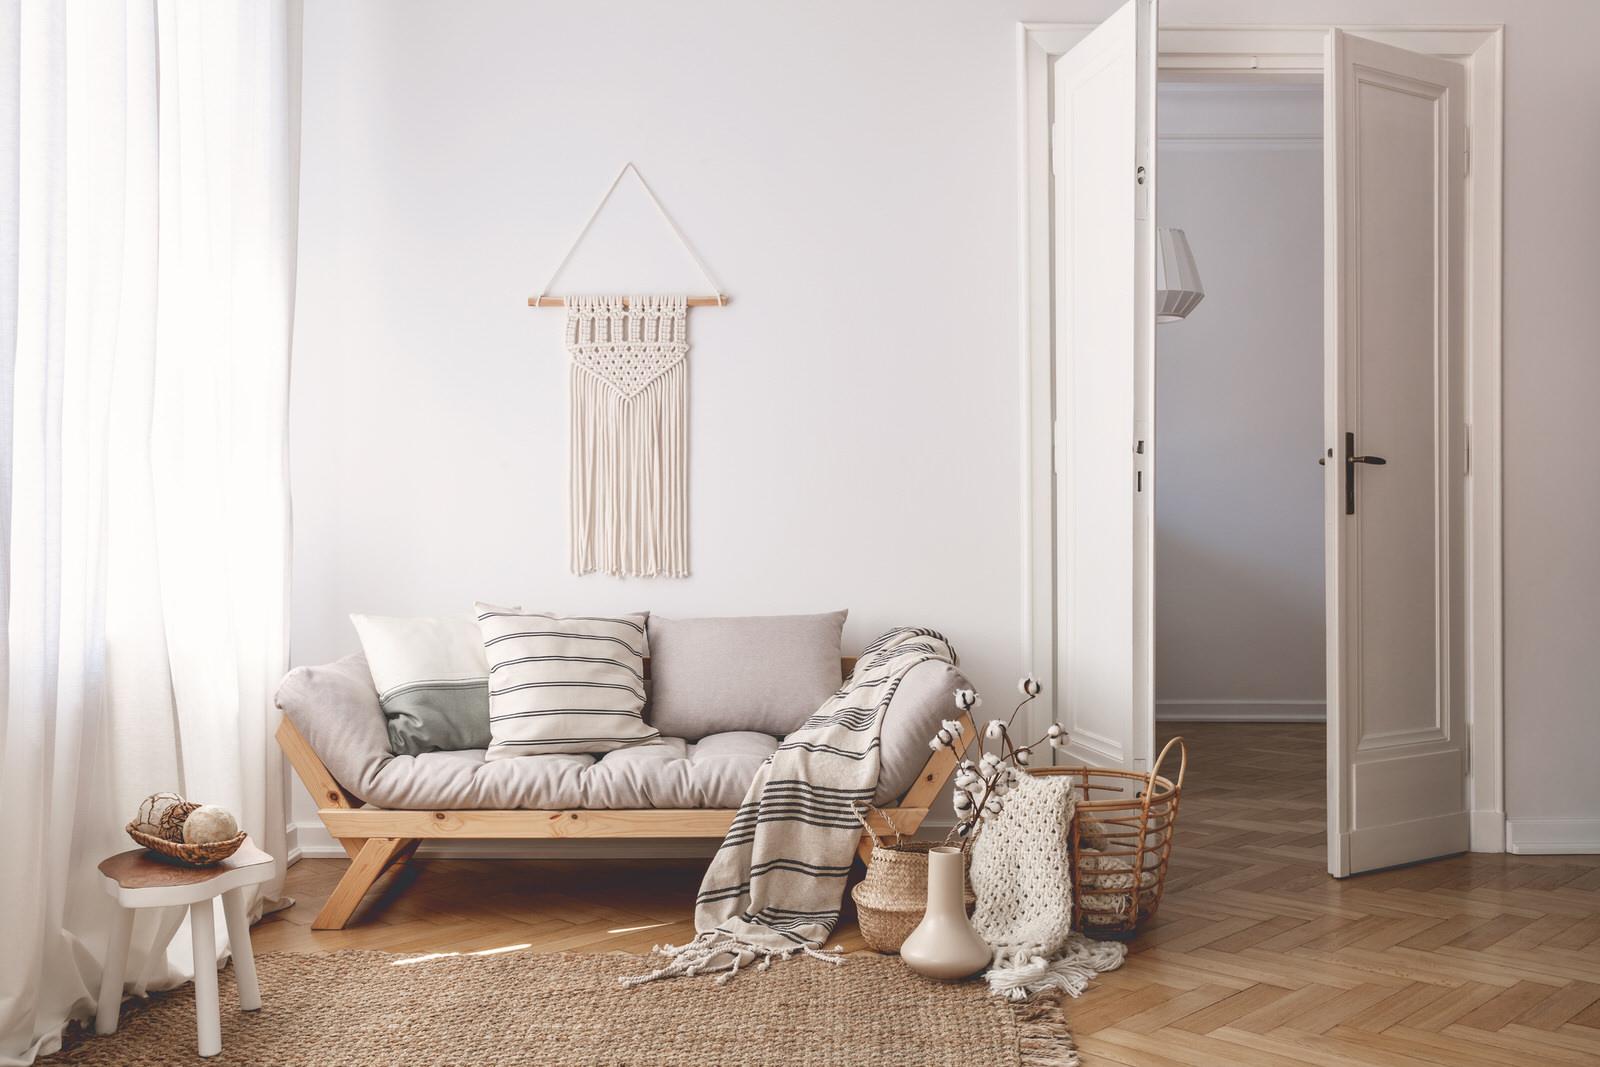 sunlit-living-room-interior-with-open-door-42UGF8Z.jpg